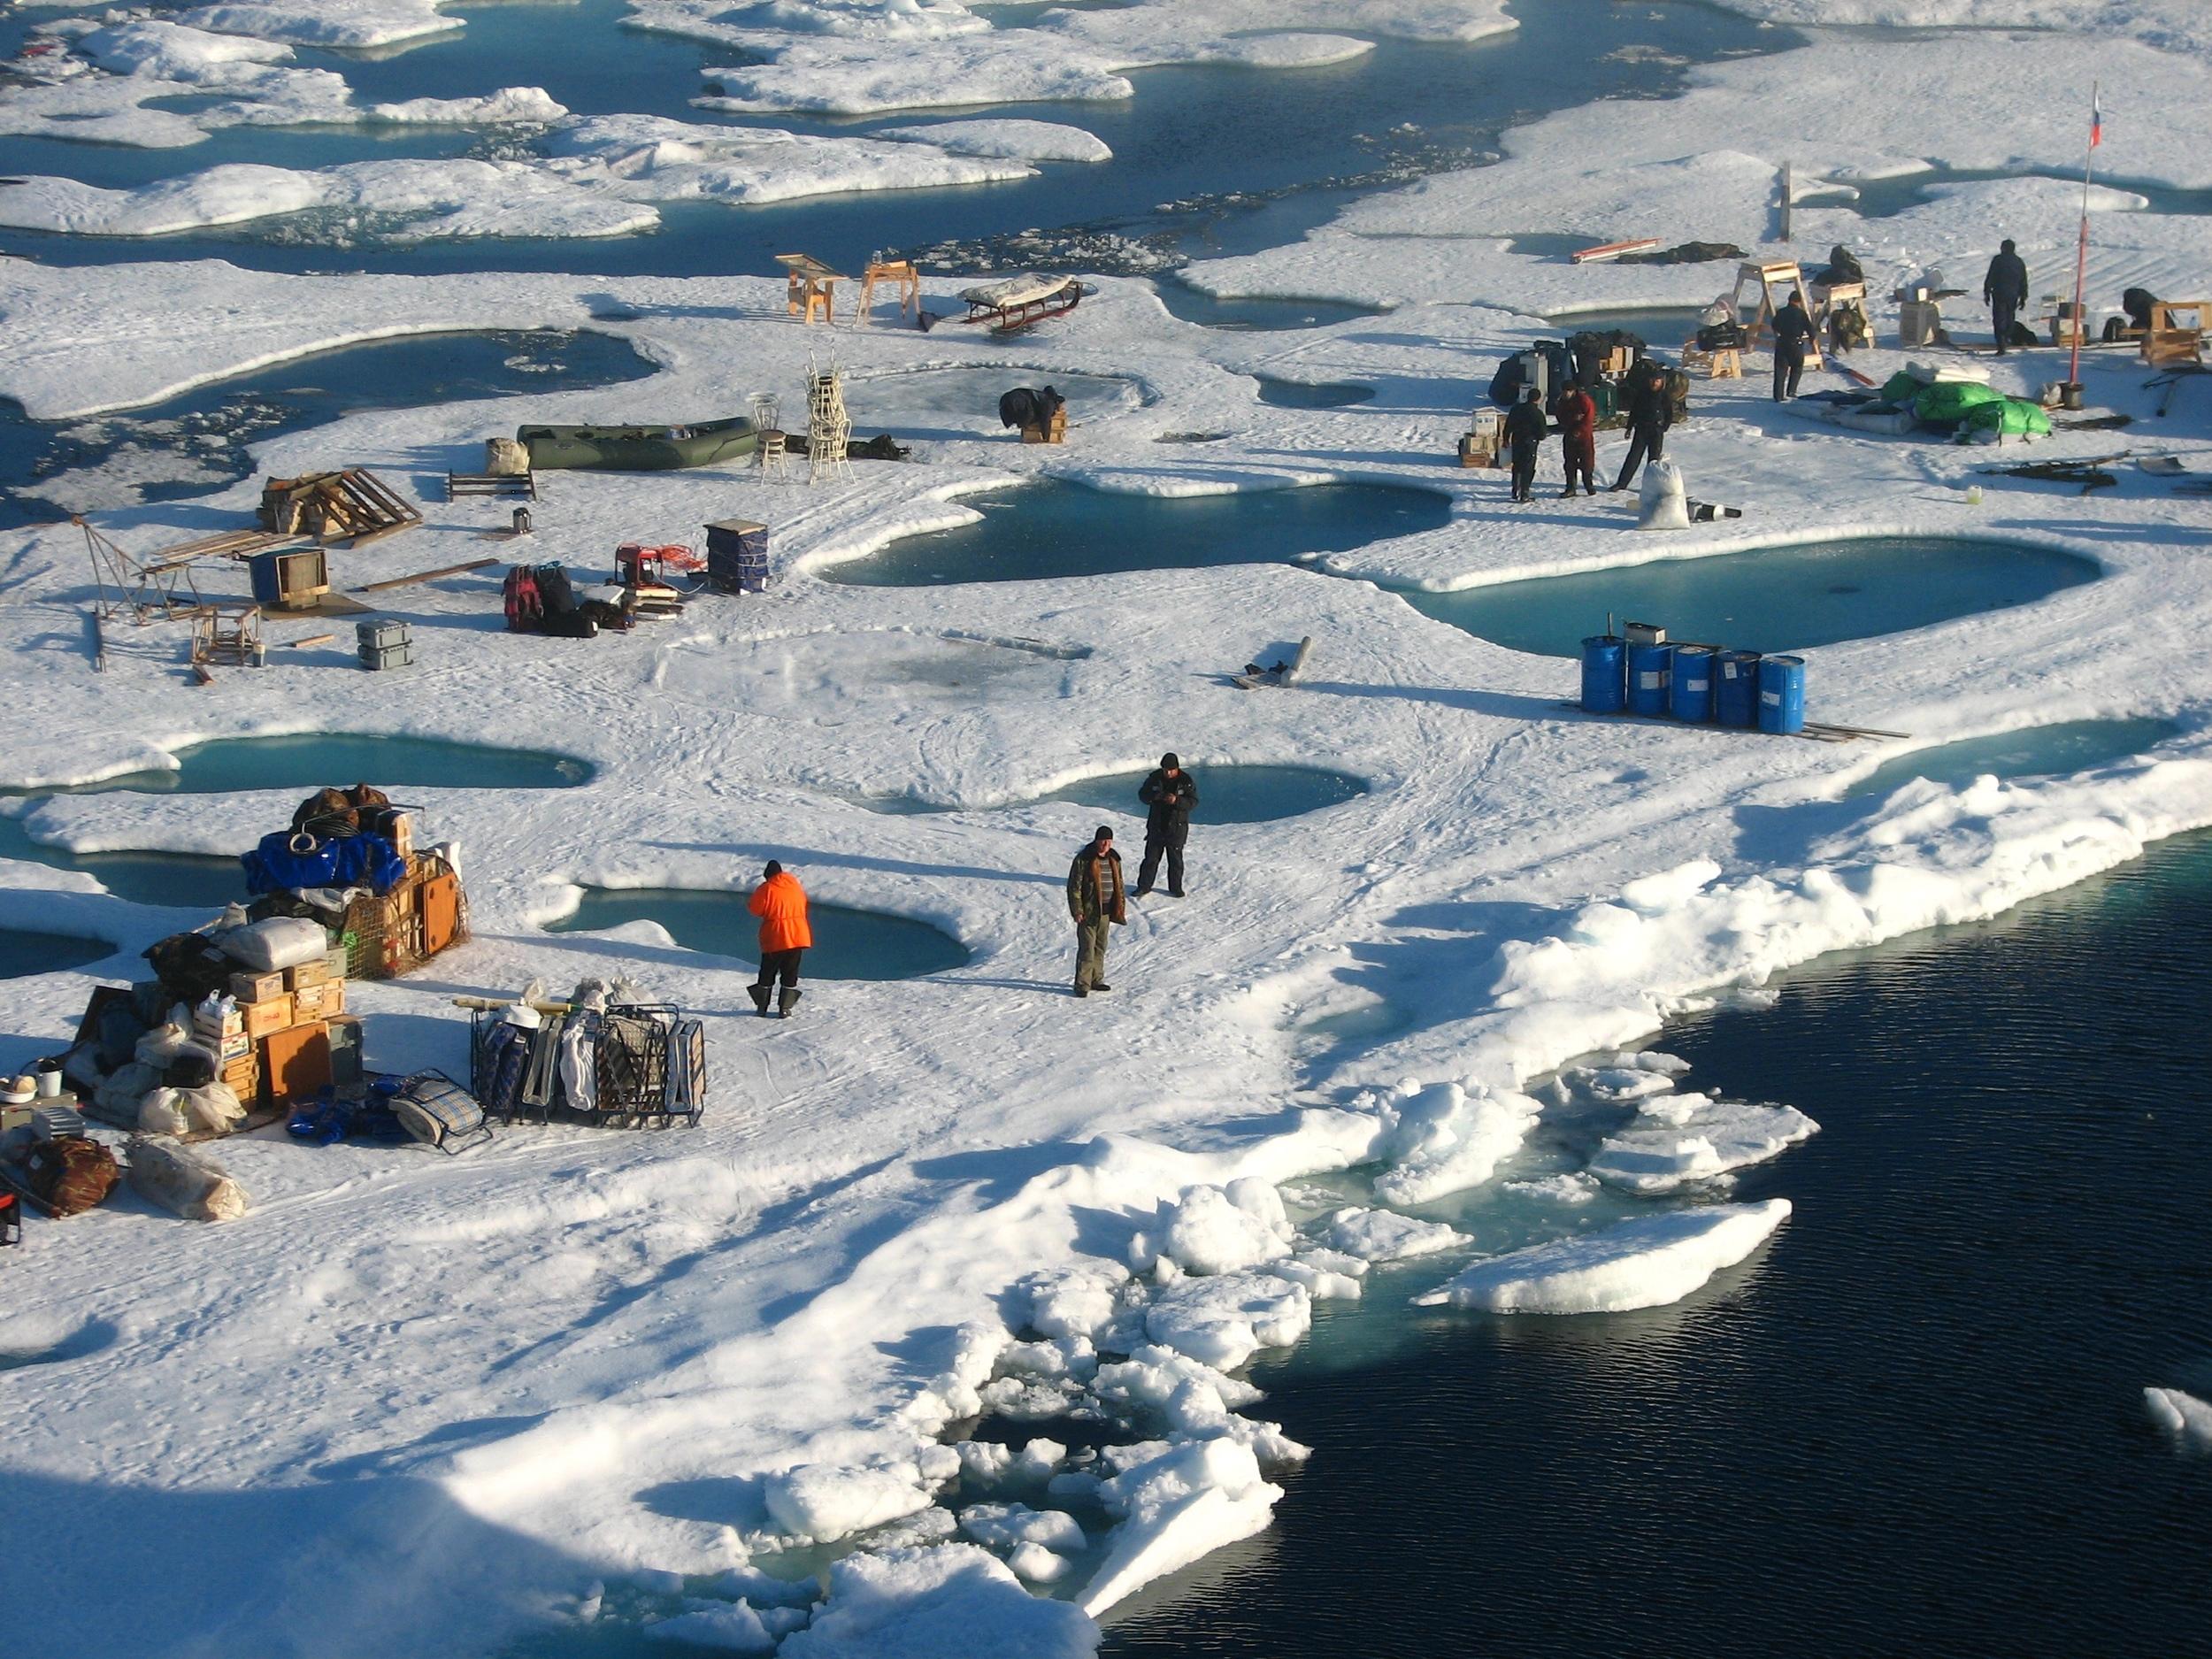 лед, море, арктика, снег, холод, мороз, экспедиция